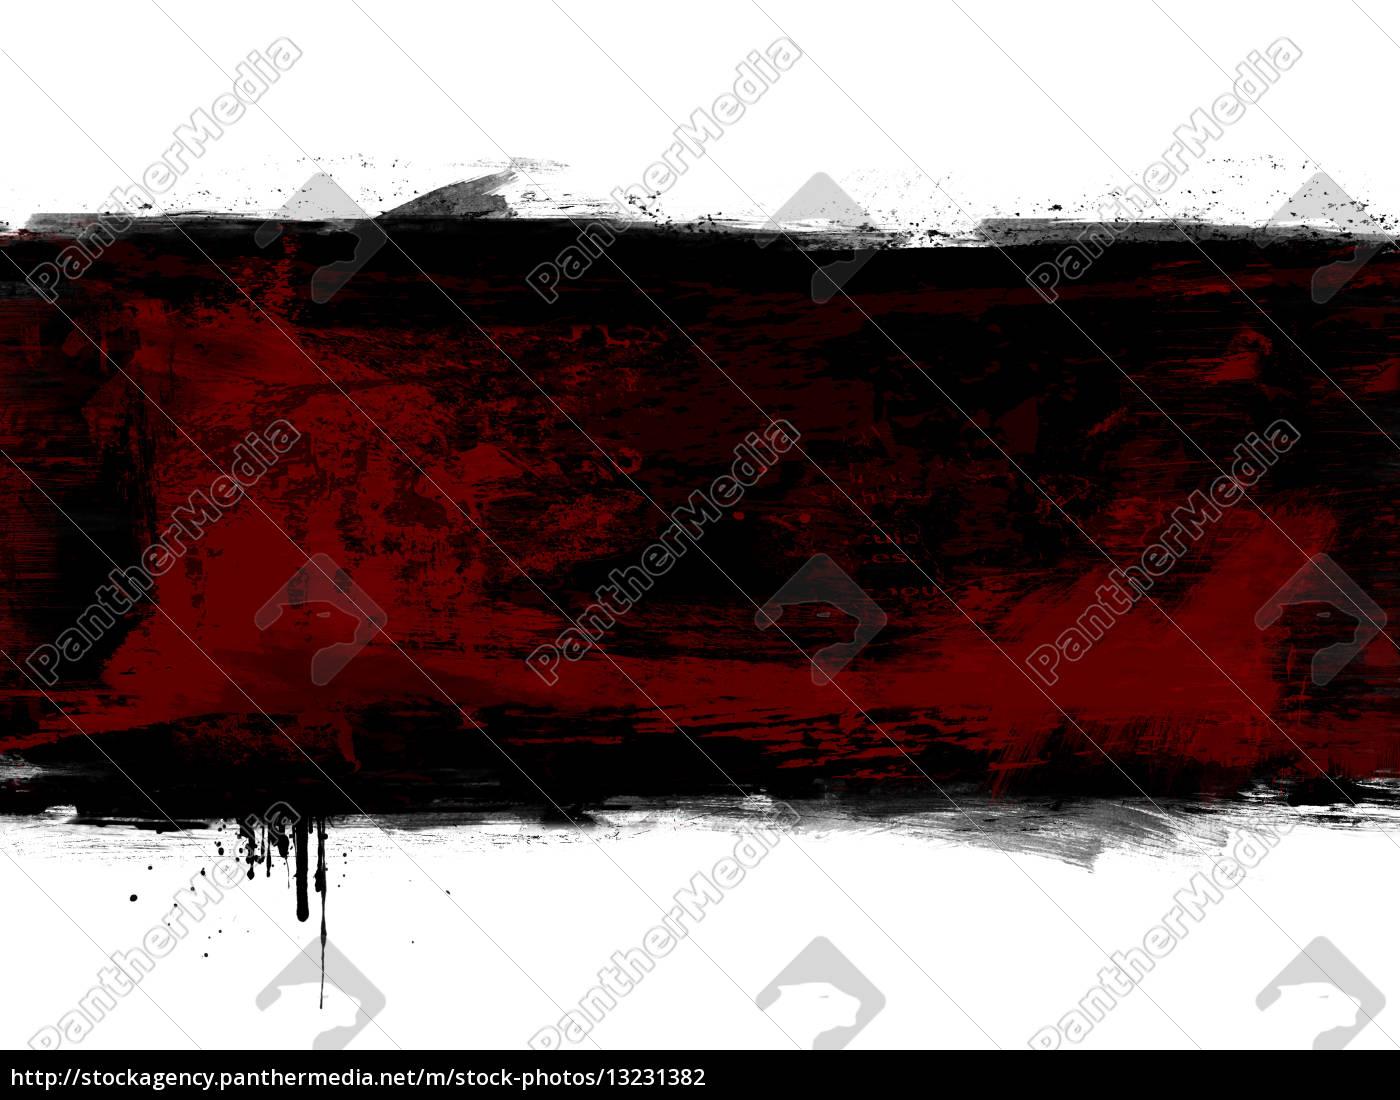 grunge, wall - 13231382